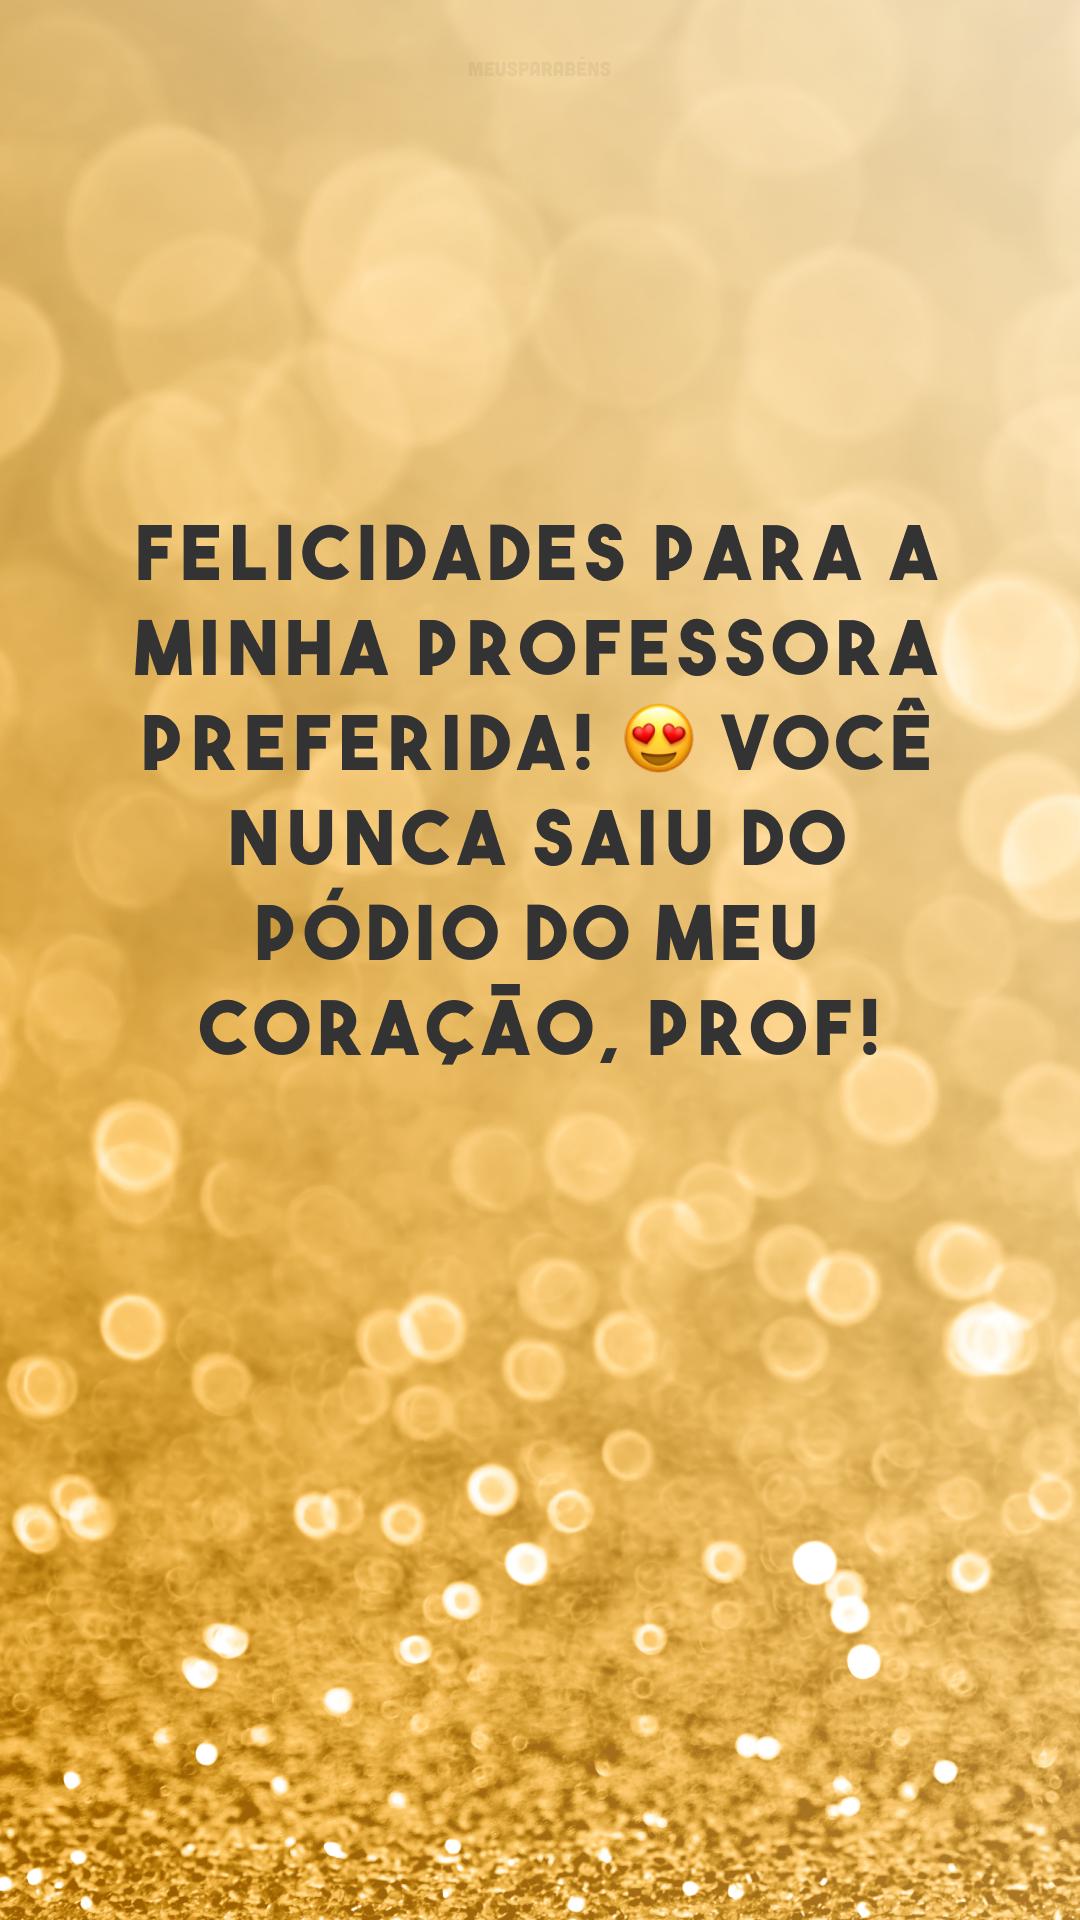 Felicidades para a minha professora preferida! 😍 Você nunca saiu do pódio do meu coração, prof!